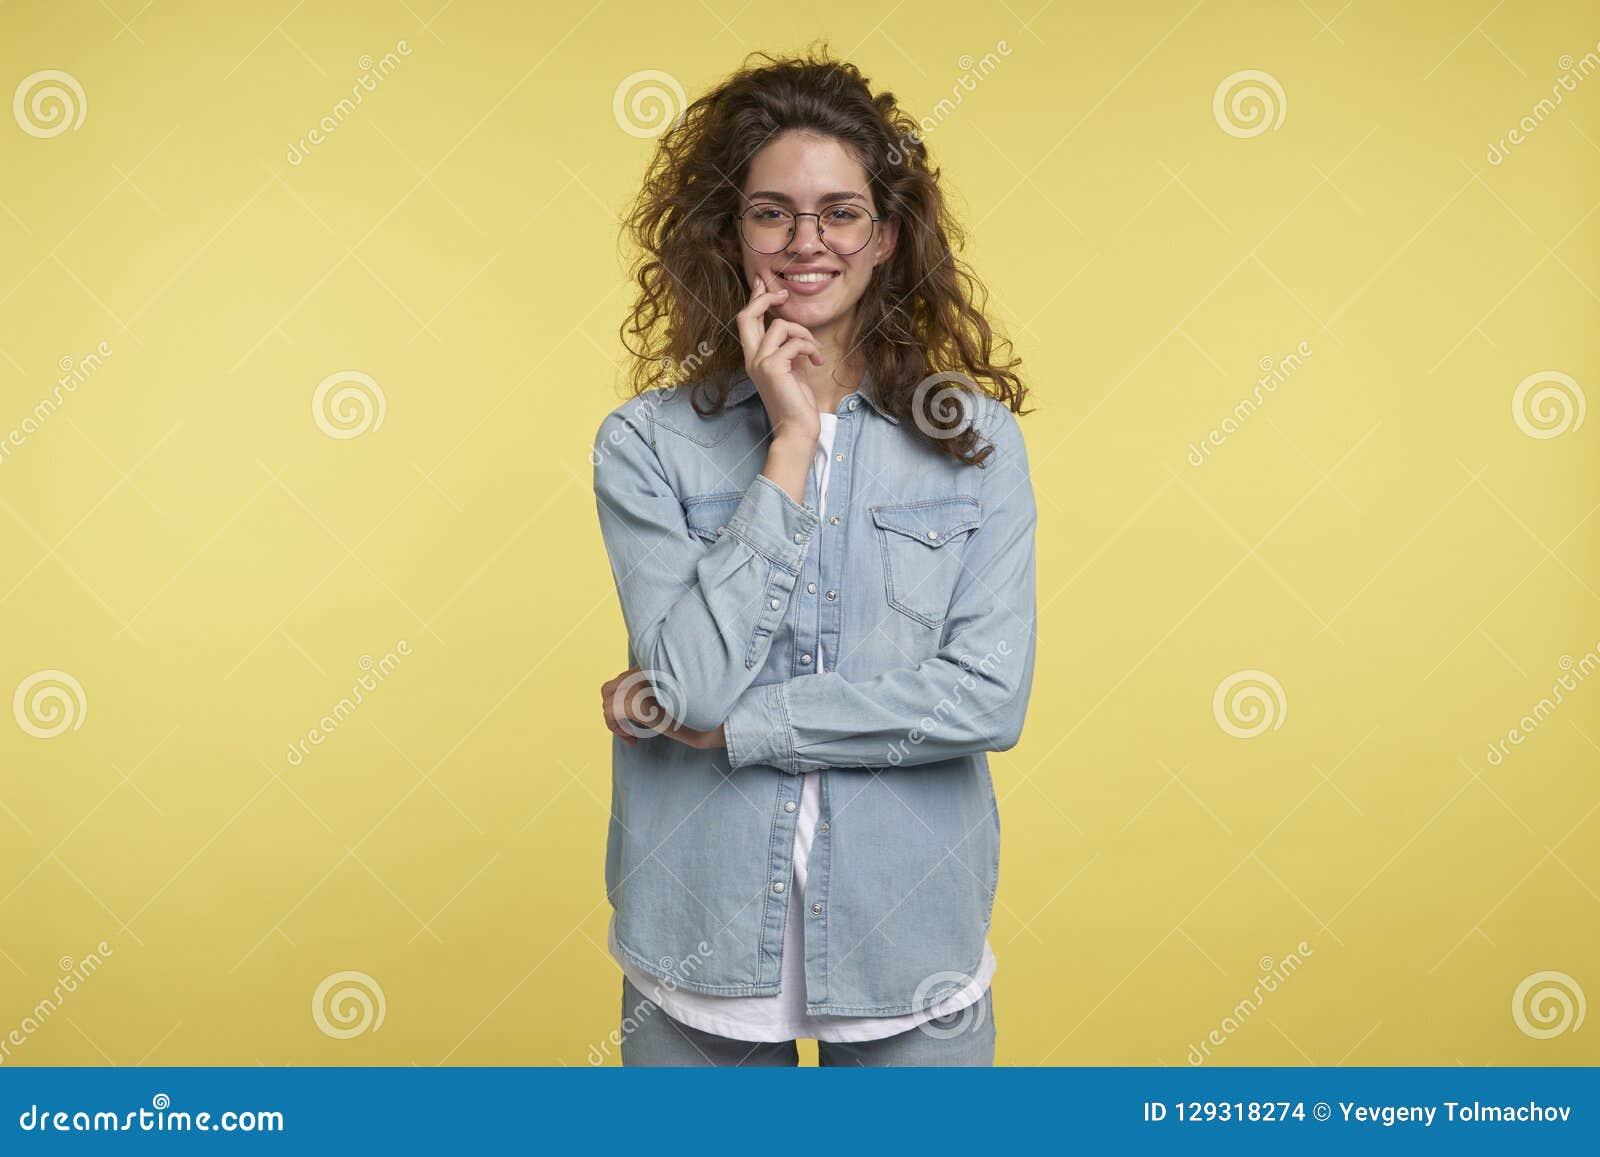 Bella femmina castana con capelli ricci, ridenti e tenenti mano al suo fronte mentre stando isolato, giallo